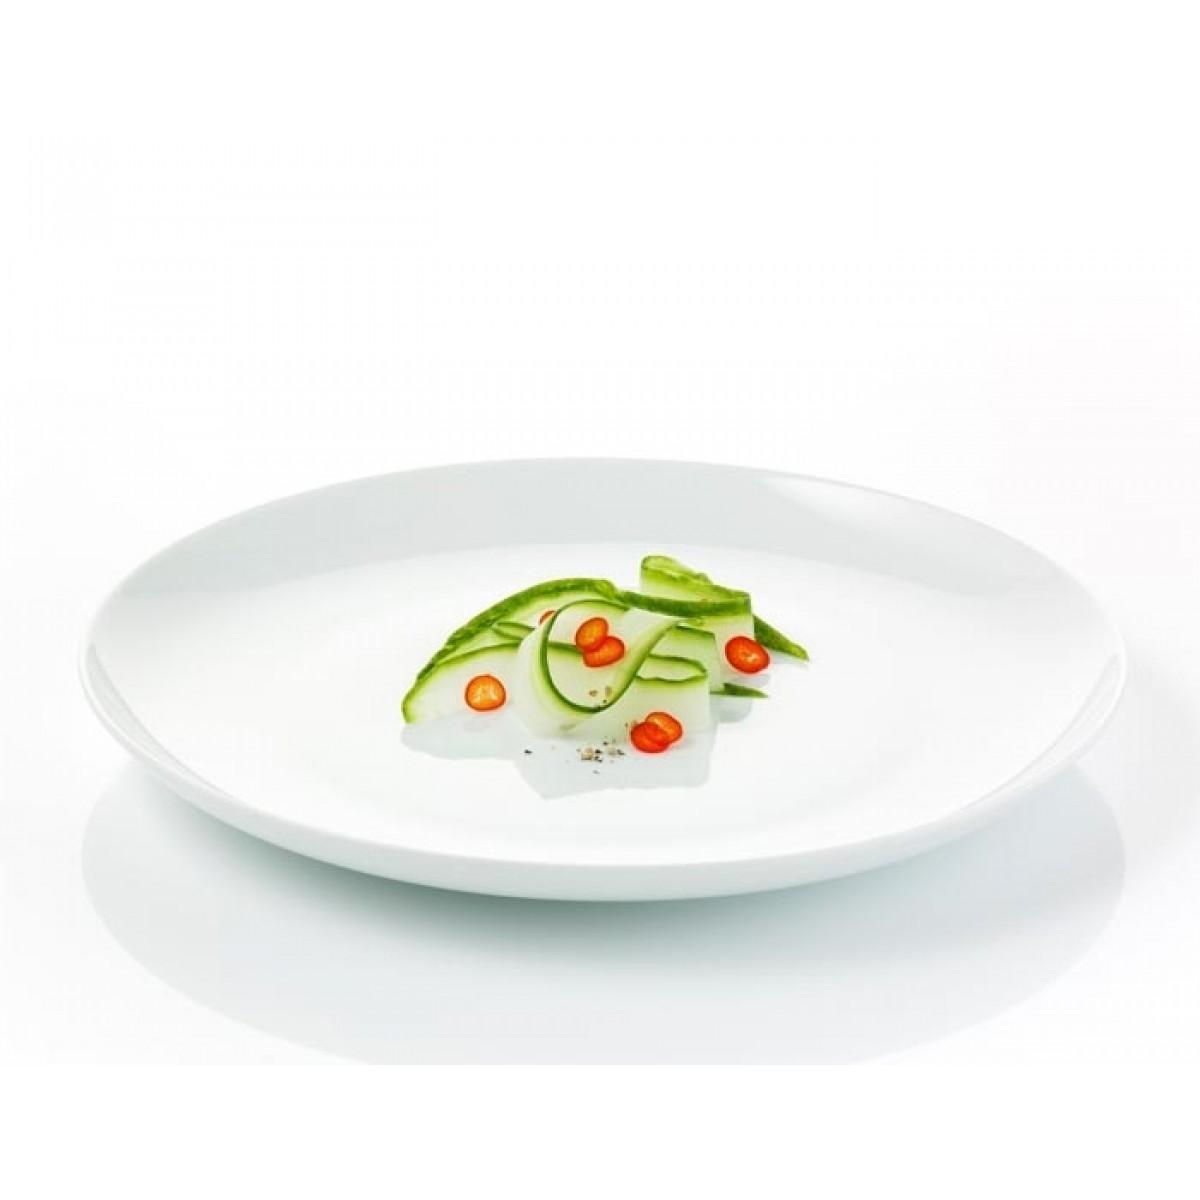 AIDA Atelier hvid middagstallerken 4 stk. 25 cm.